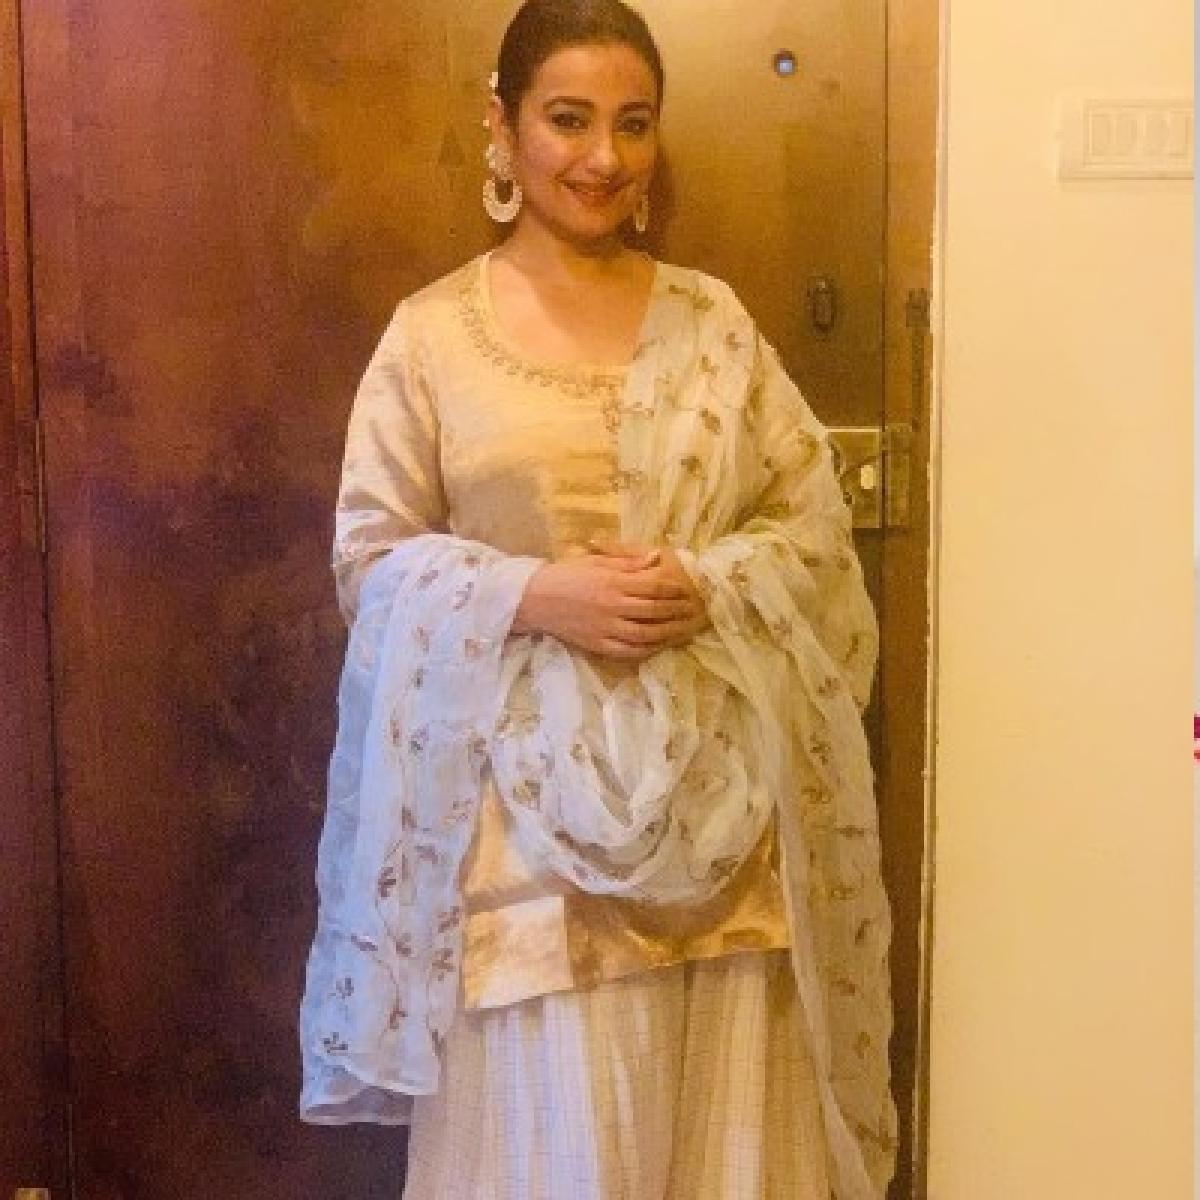 Urmila Matondkar, Divya Dutta pay condolences to Shabana Azmi, family after Shaukat Kaifi's demise